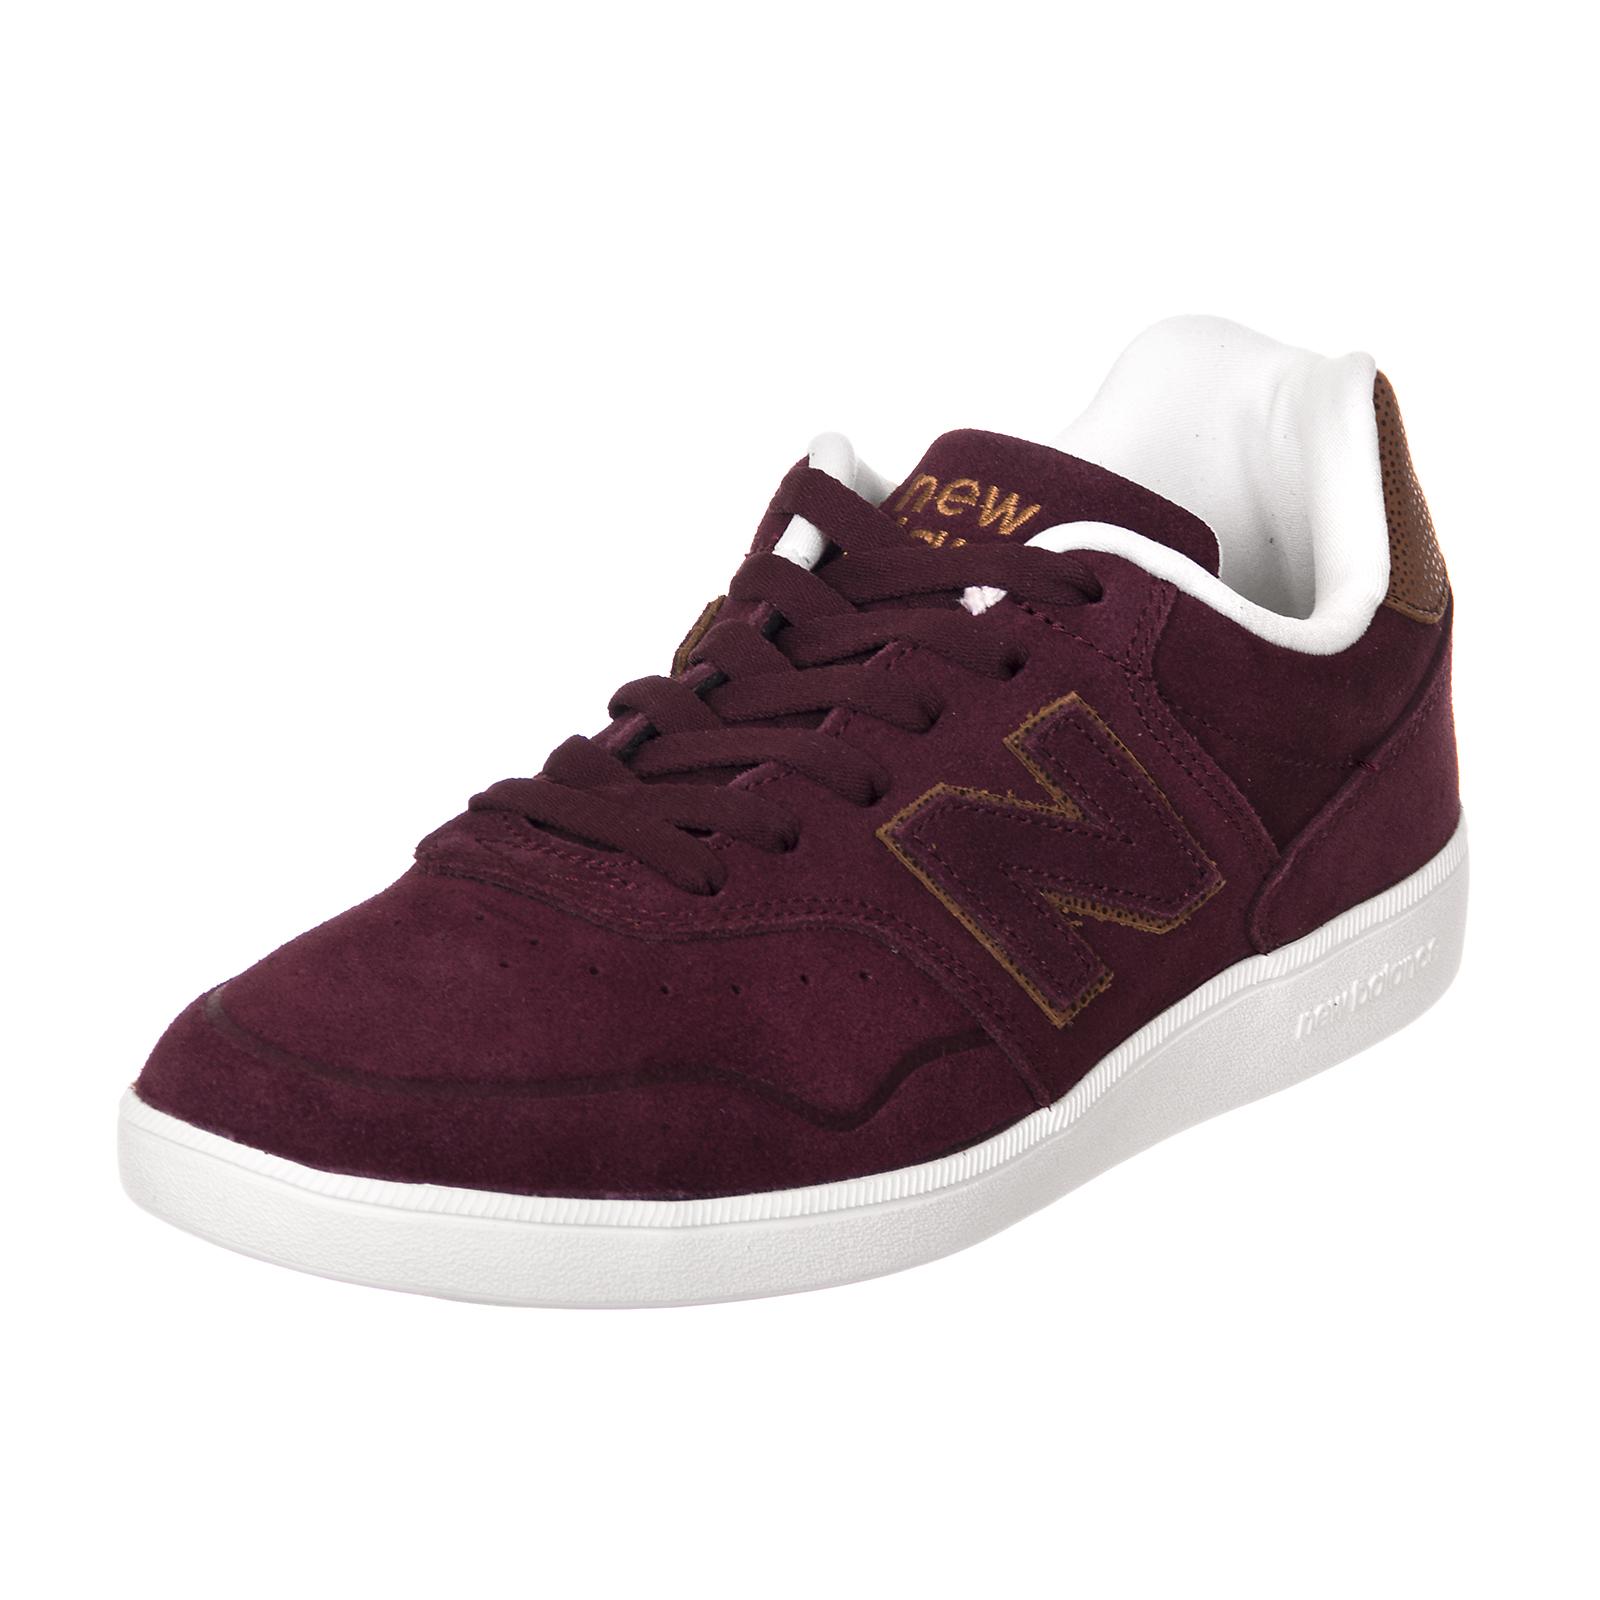 neu Gleichgewicht Manturnschuhe chaussure numerische burgundy Veloursleder/mesh